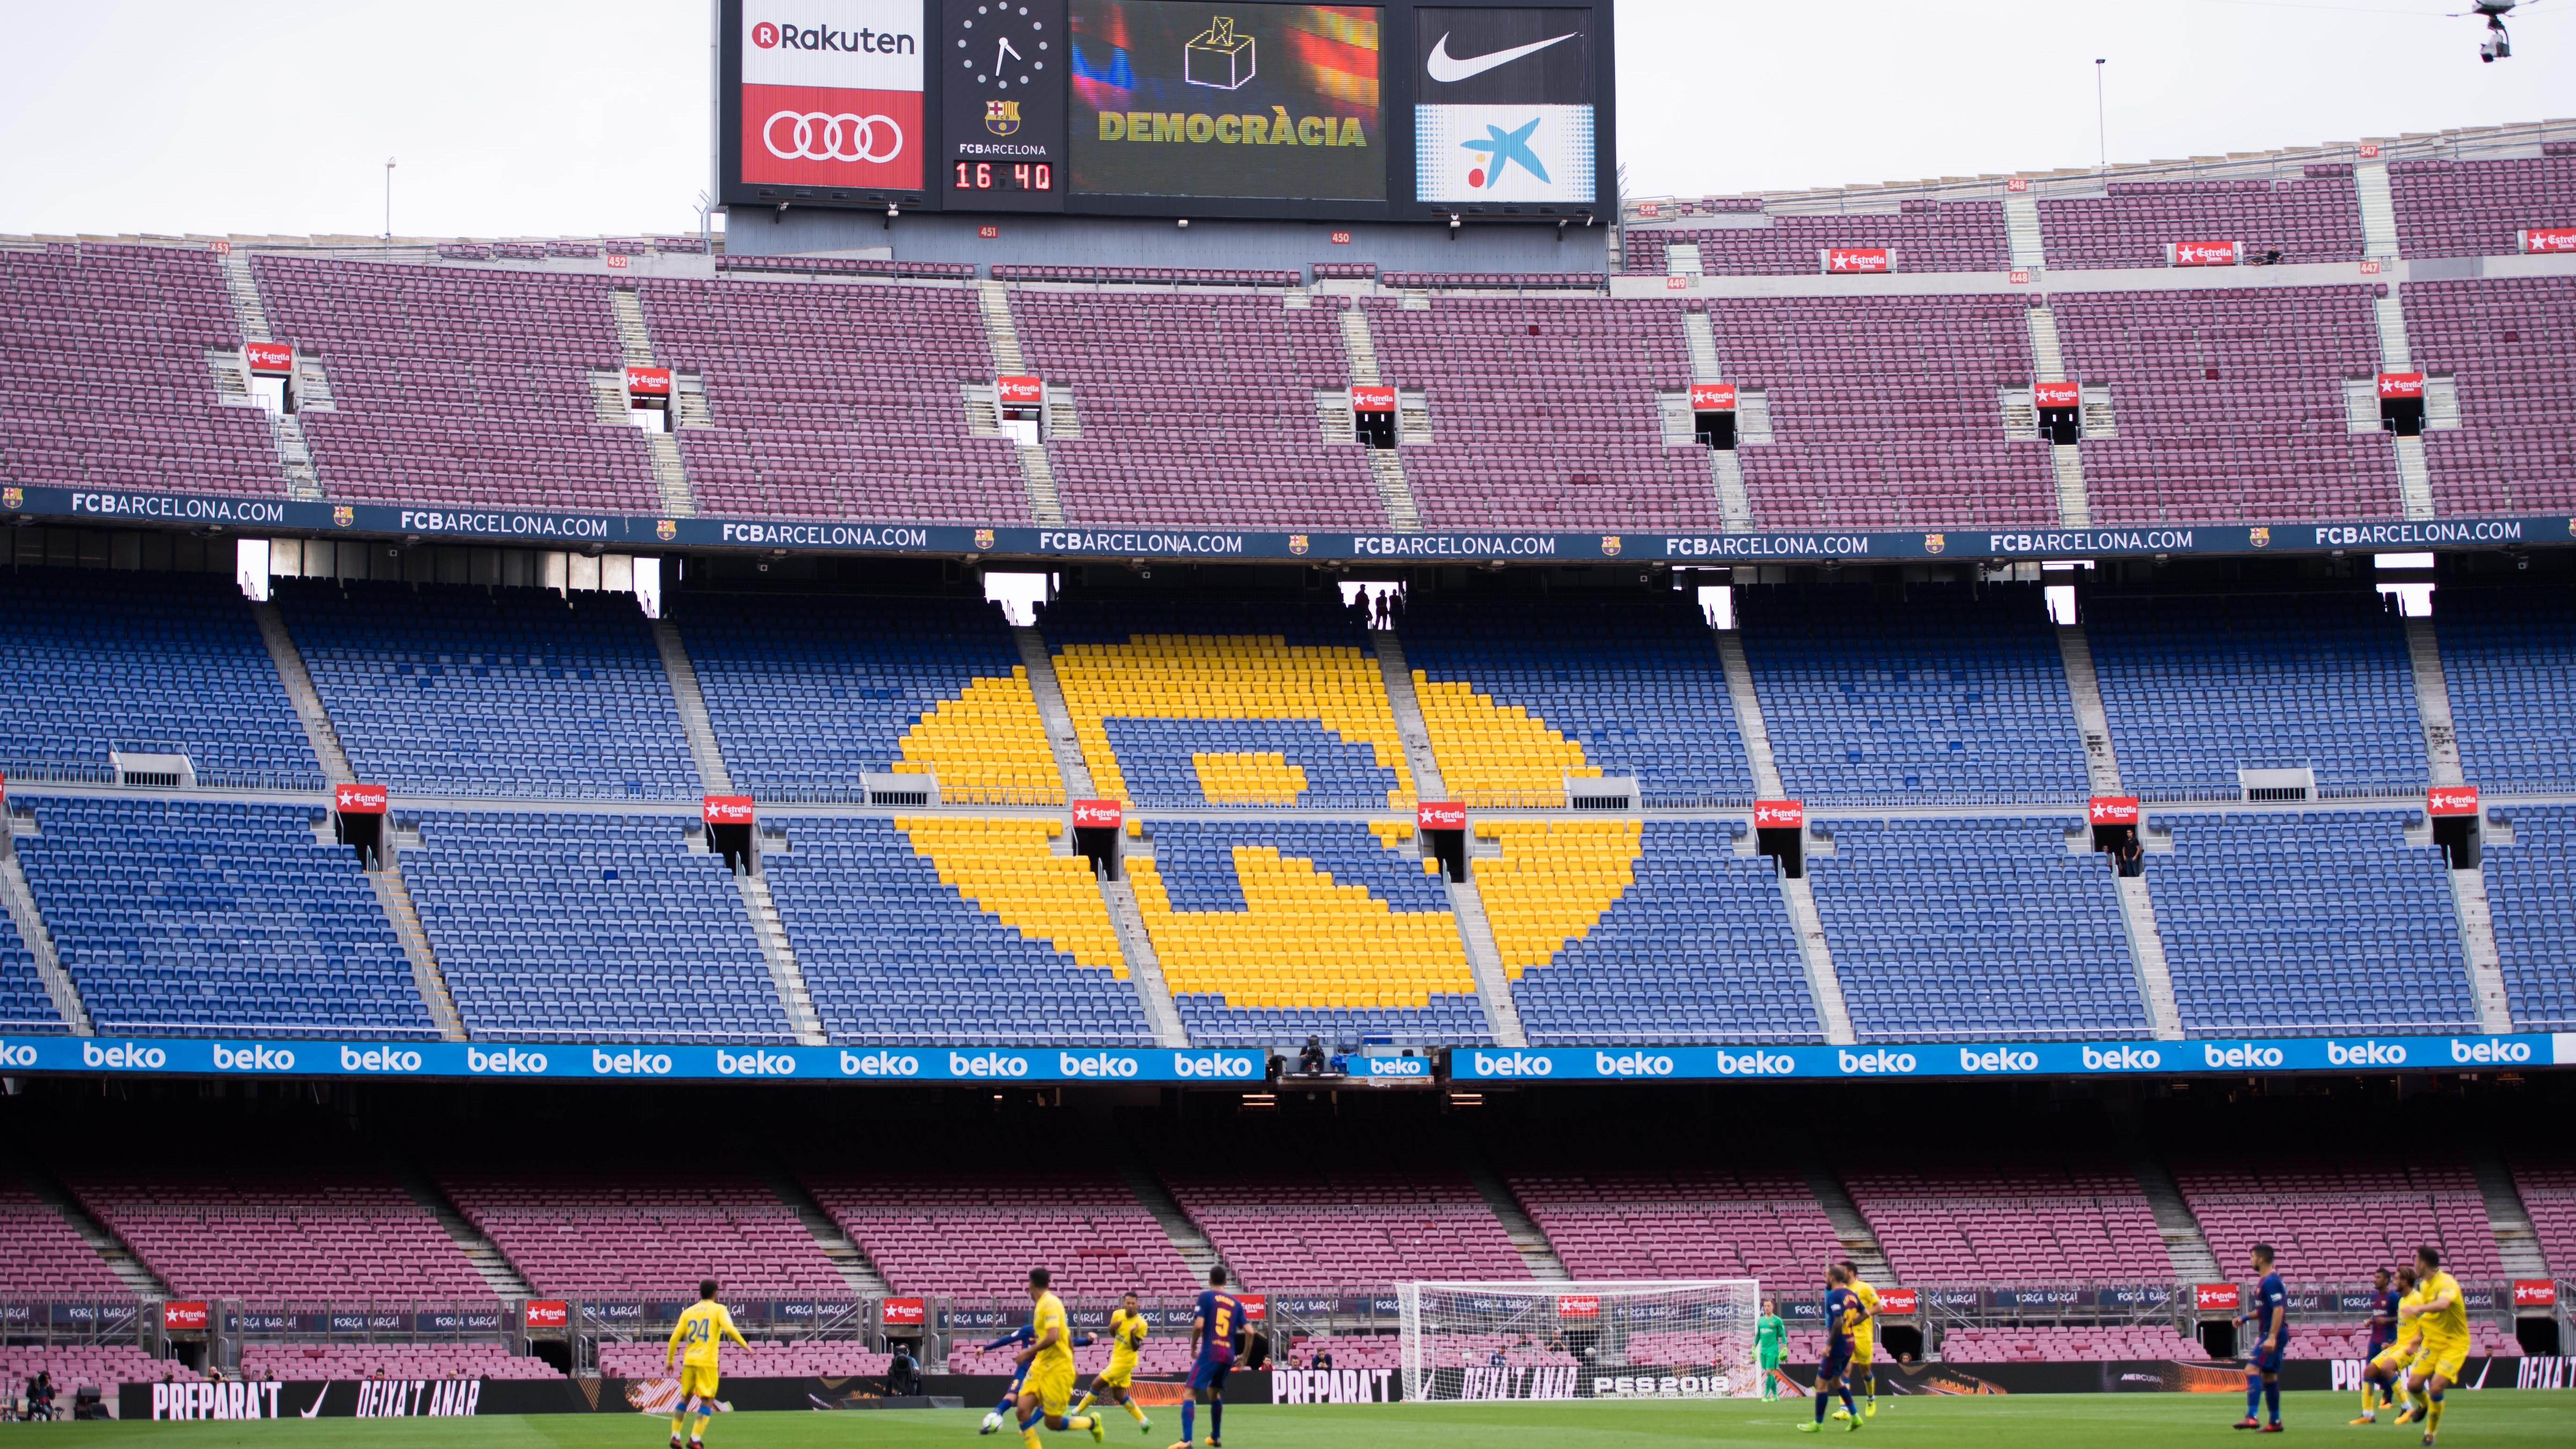 El Girona CF también se suma a la huelga en Cataluña